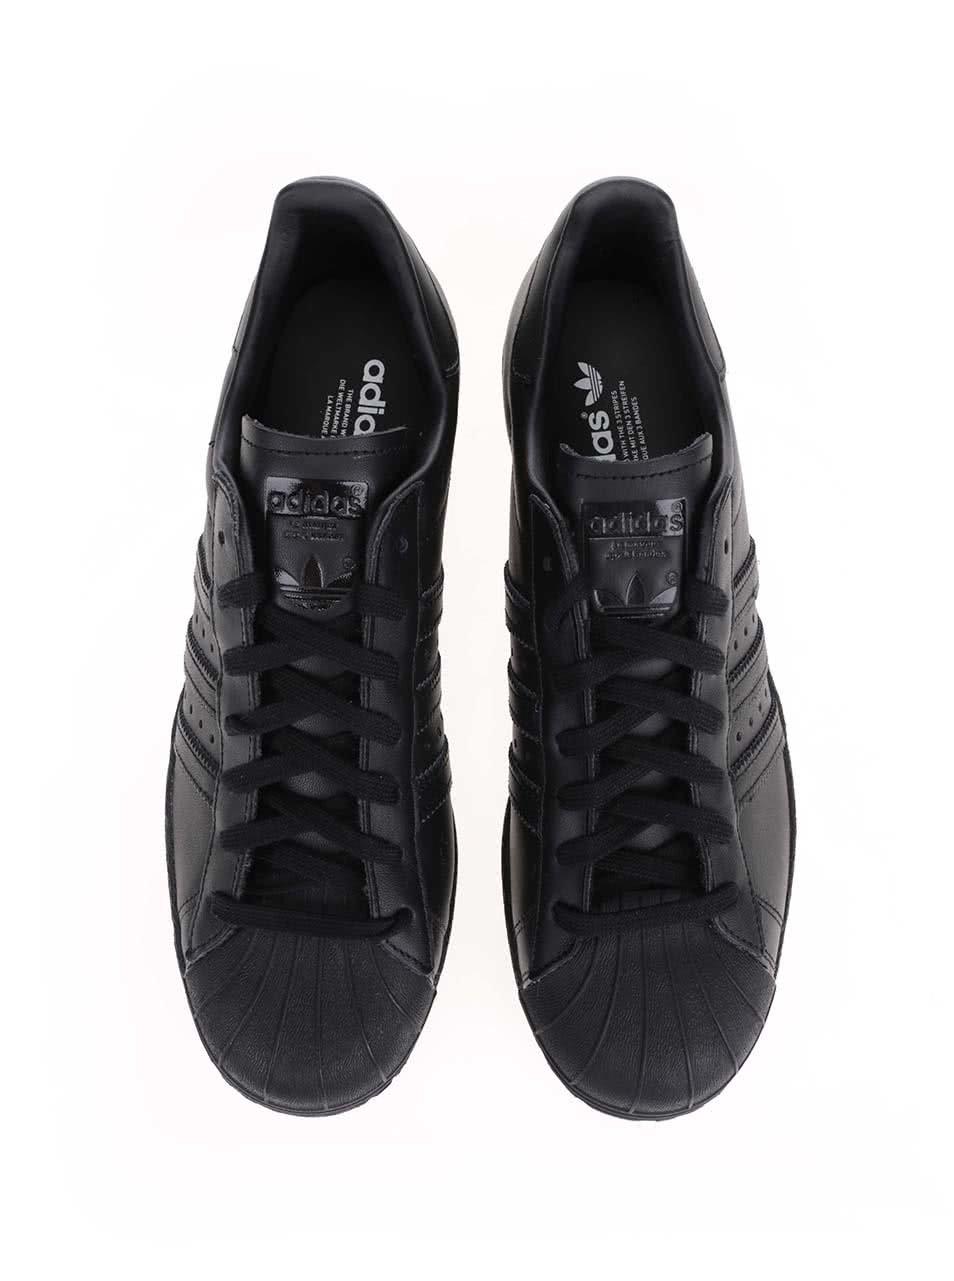 Černé pánské kožené tenisky adidas Originals Superstar  80s ... ab8f8e6e1e